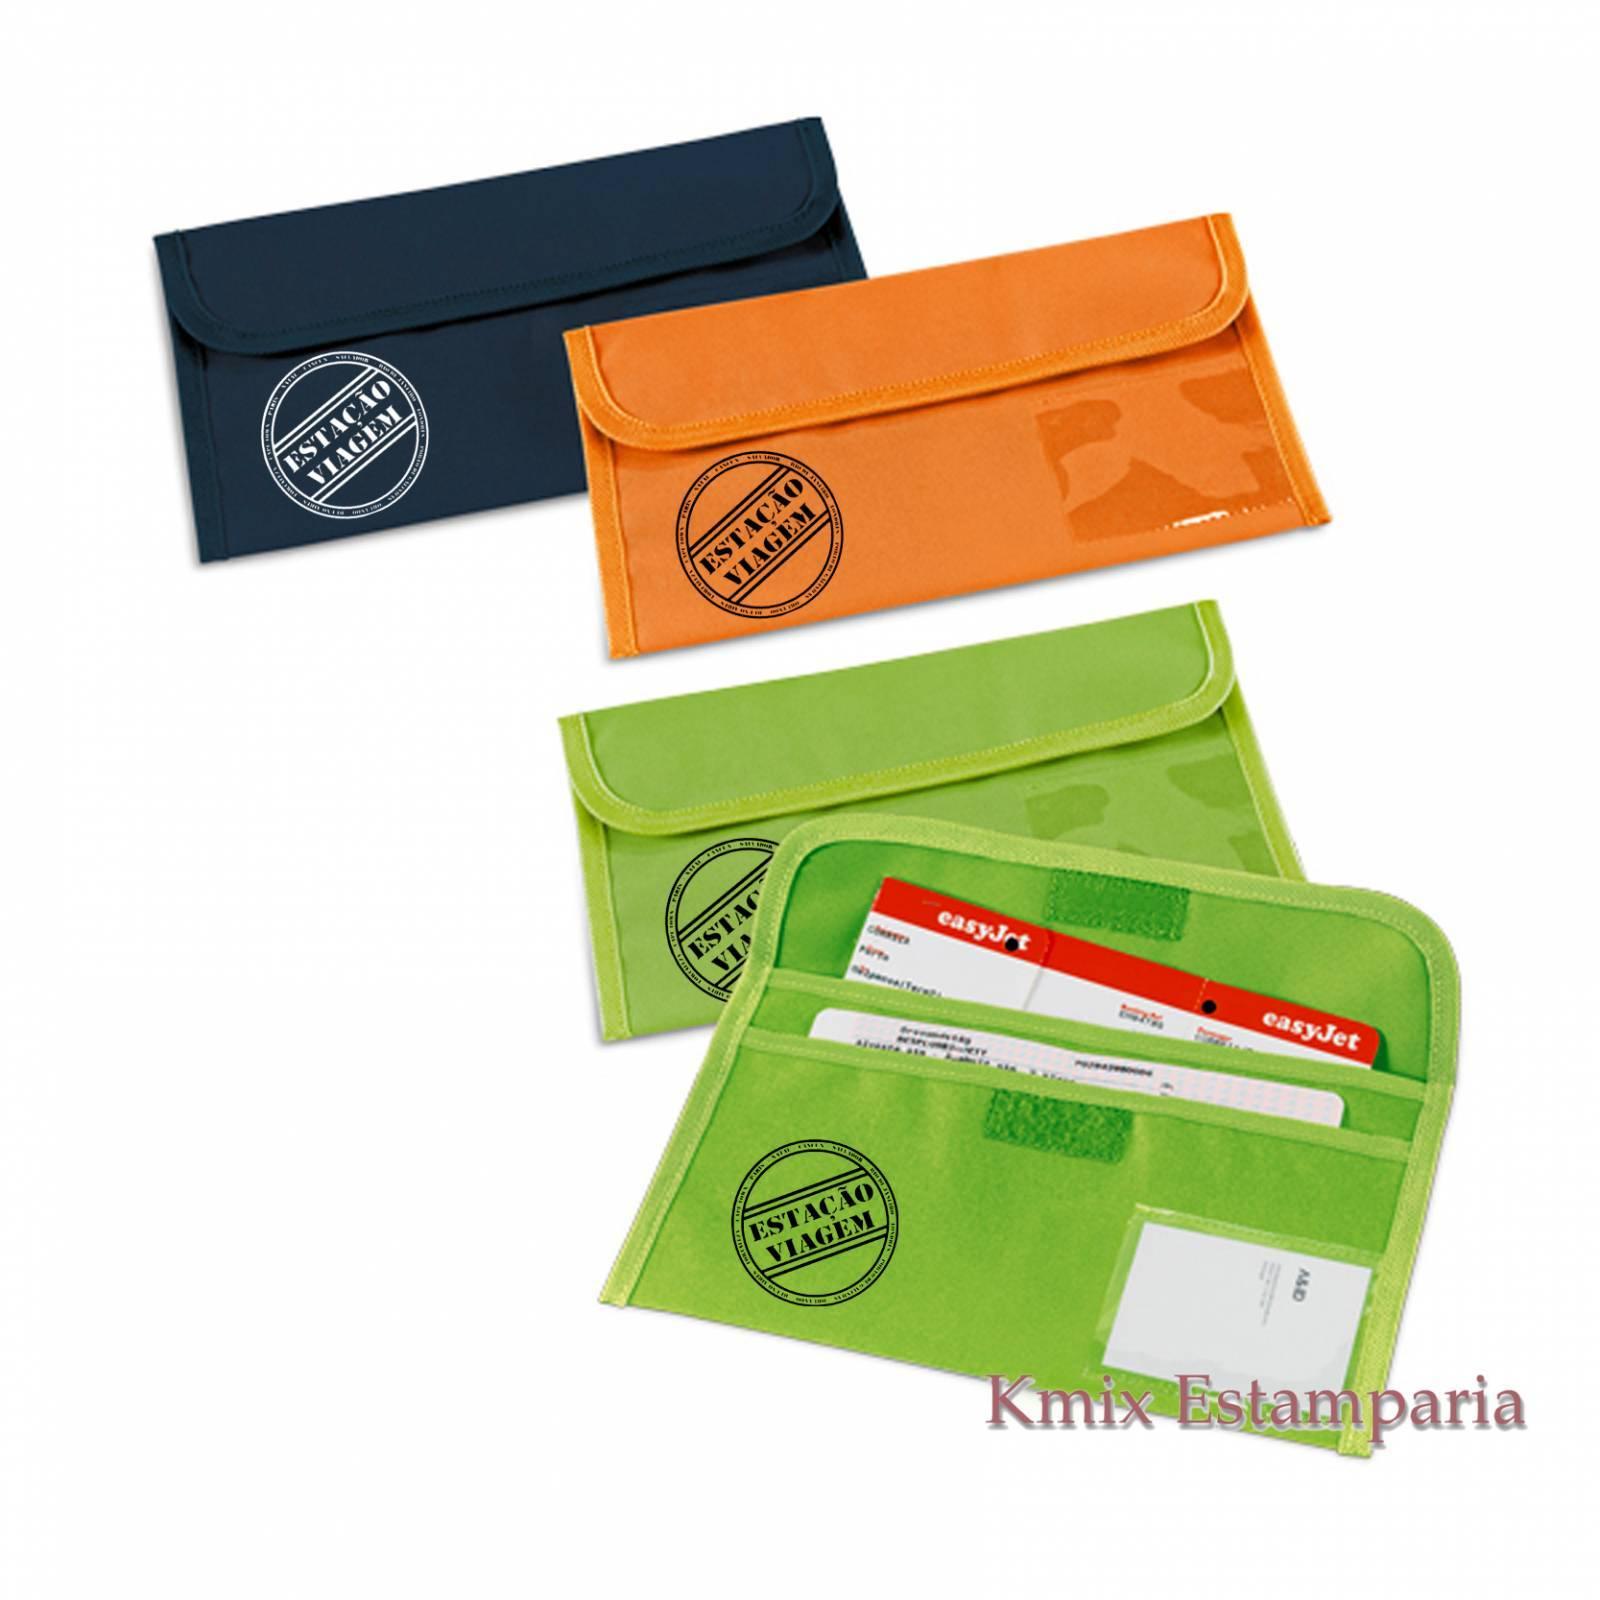 Bolsa porta documentos de viagem 27,5 x 14 cm (92132) - kmix estamparia